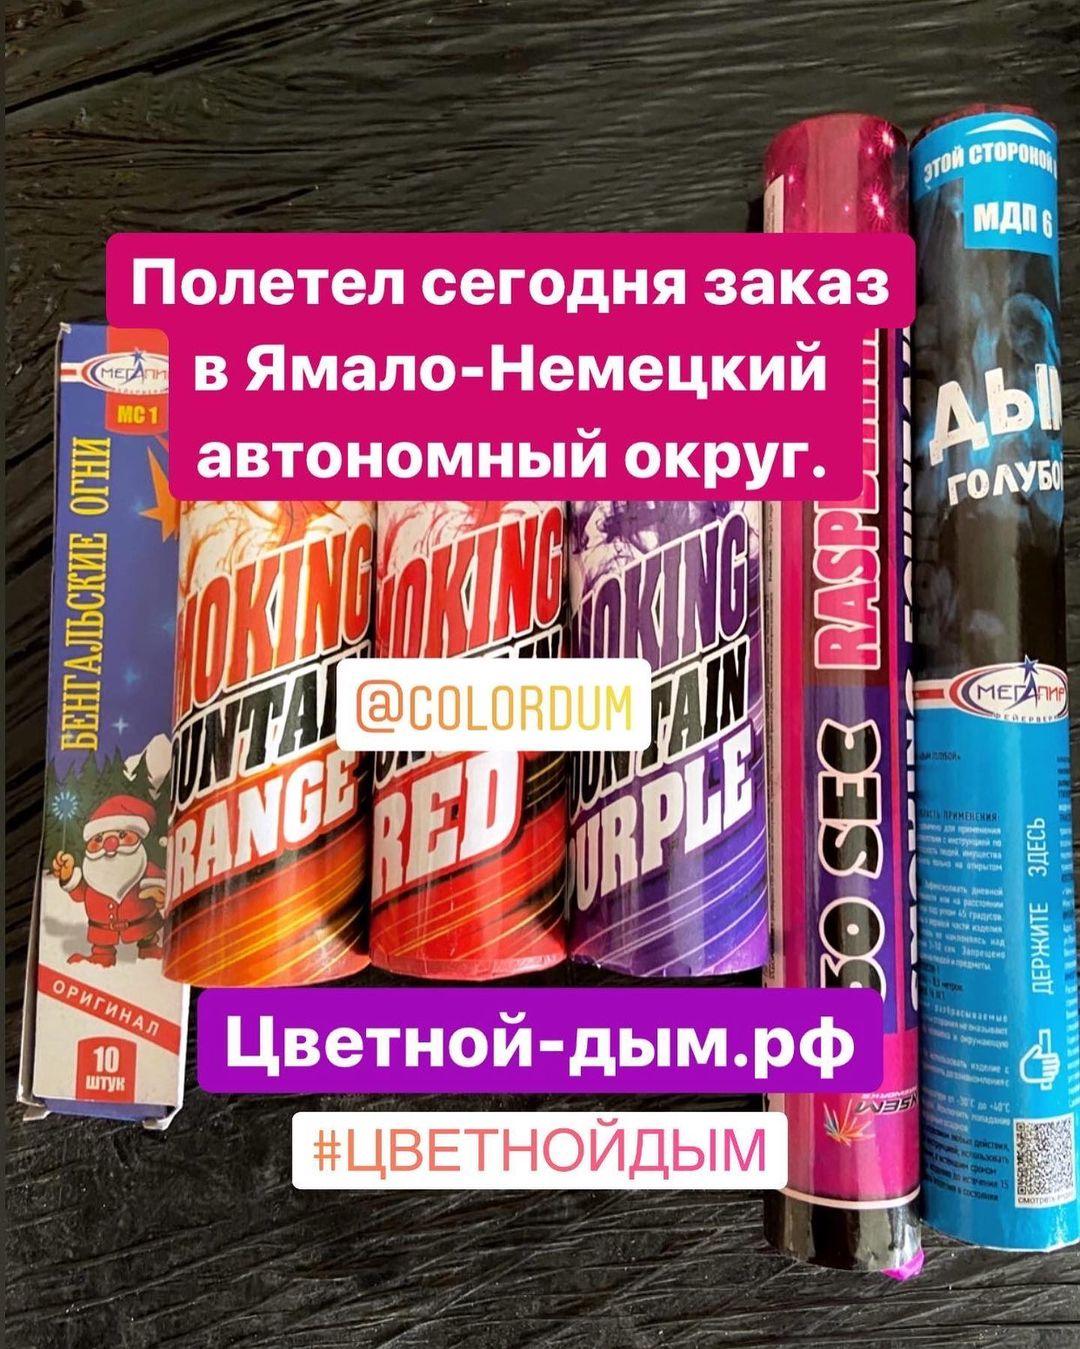 Дымовые шашки для фотосессии отправка - Цветной-дым.рф отзывы